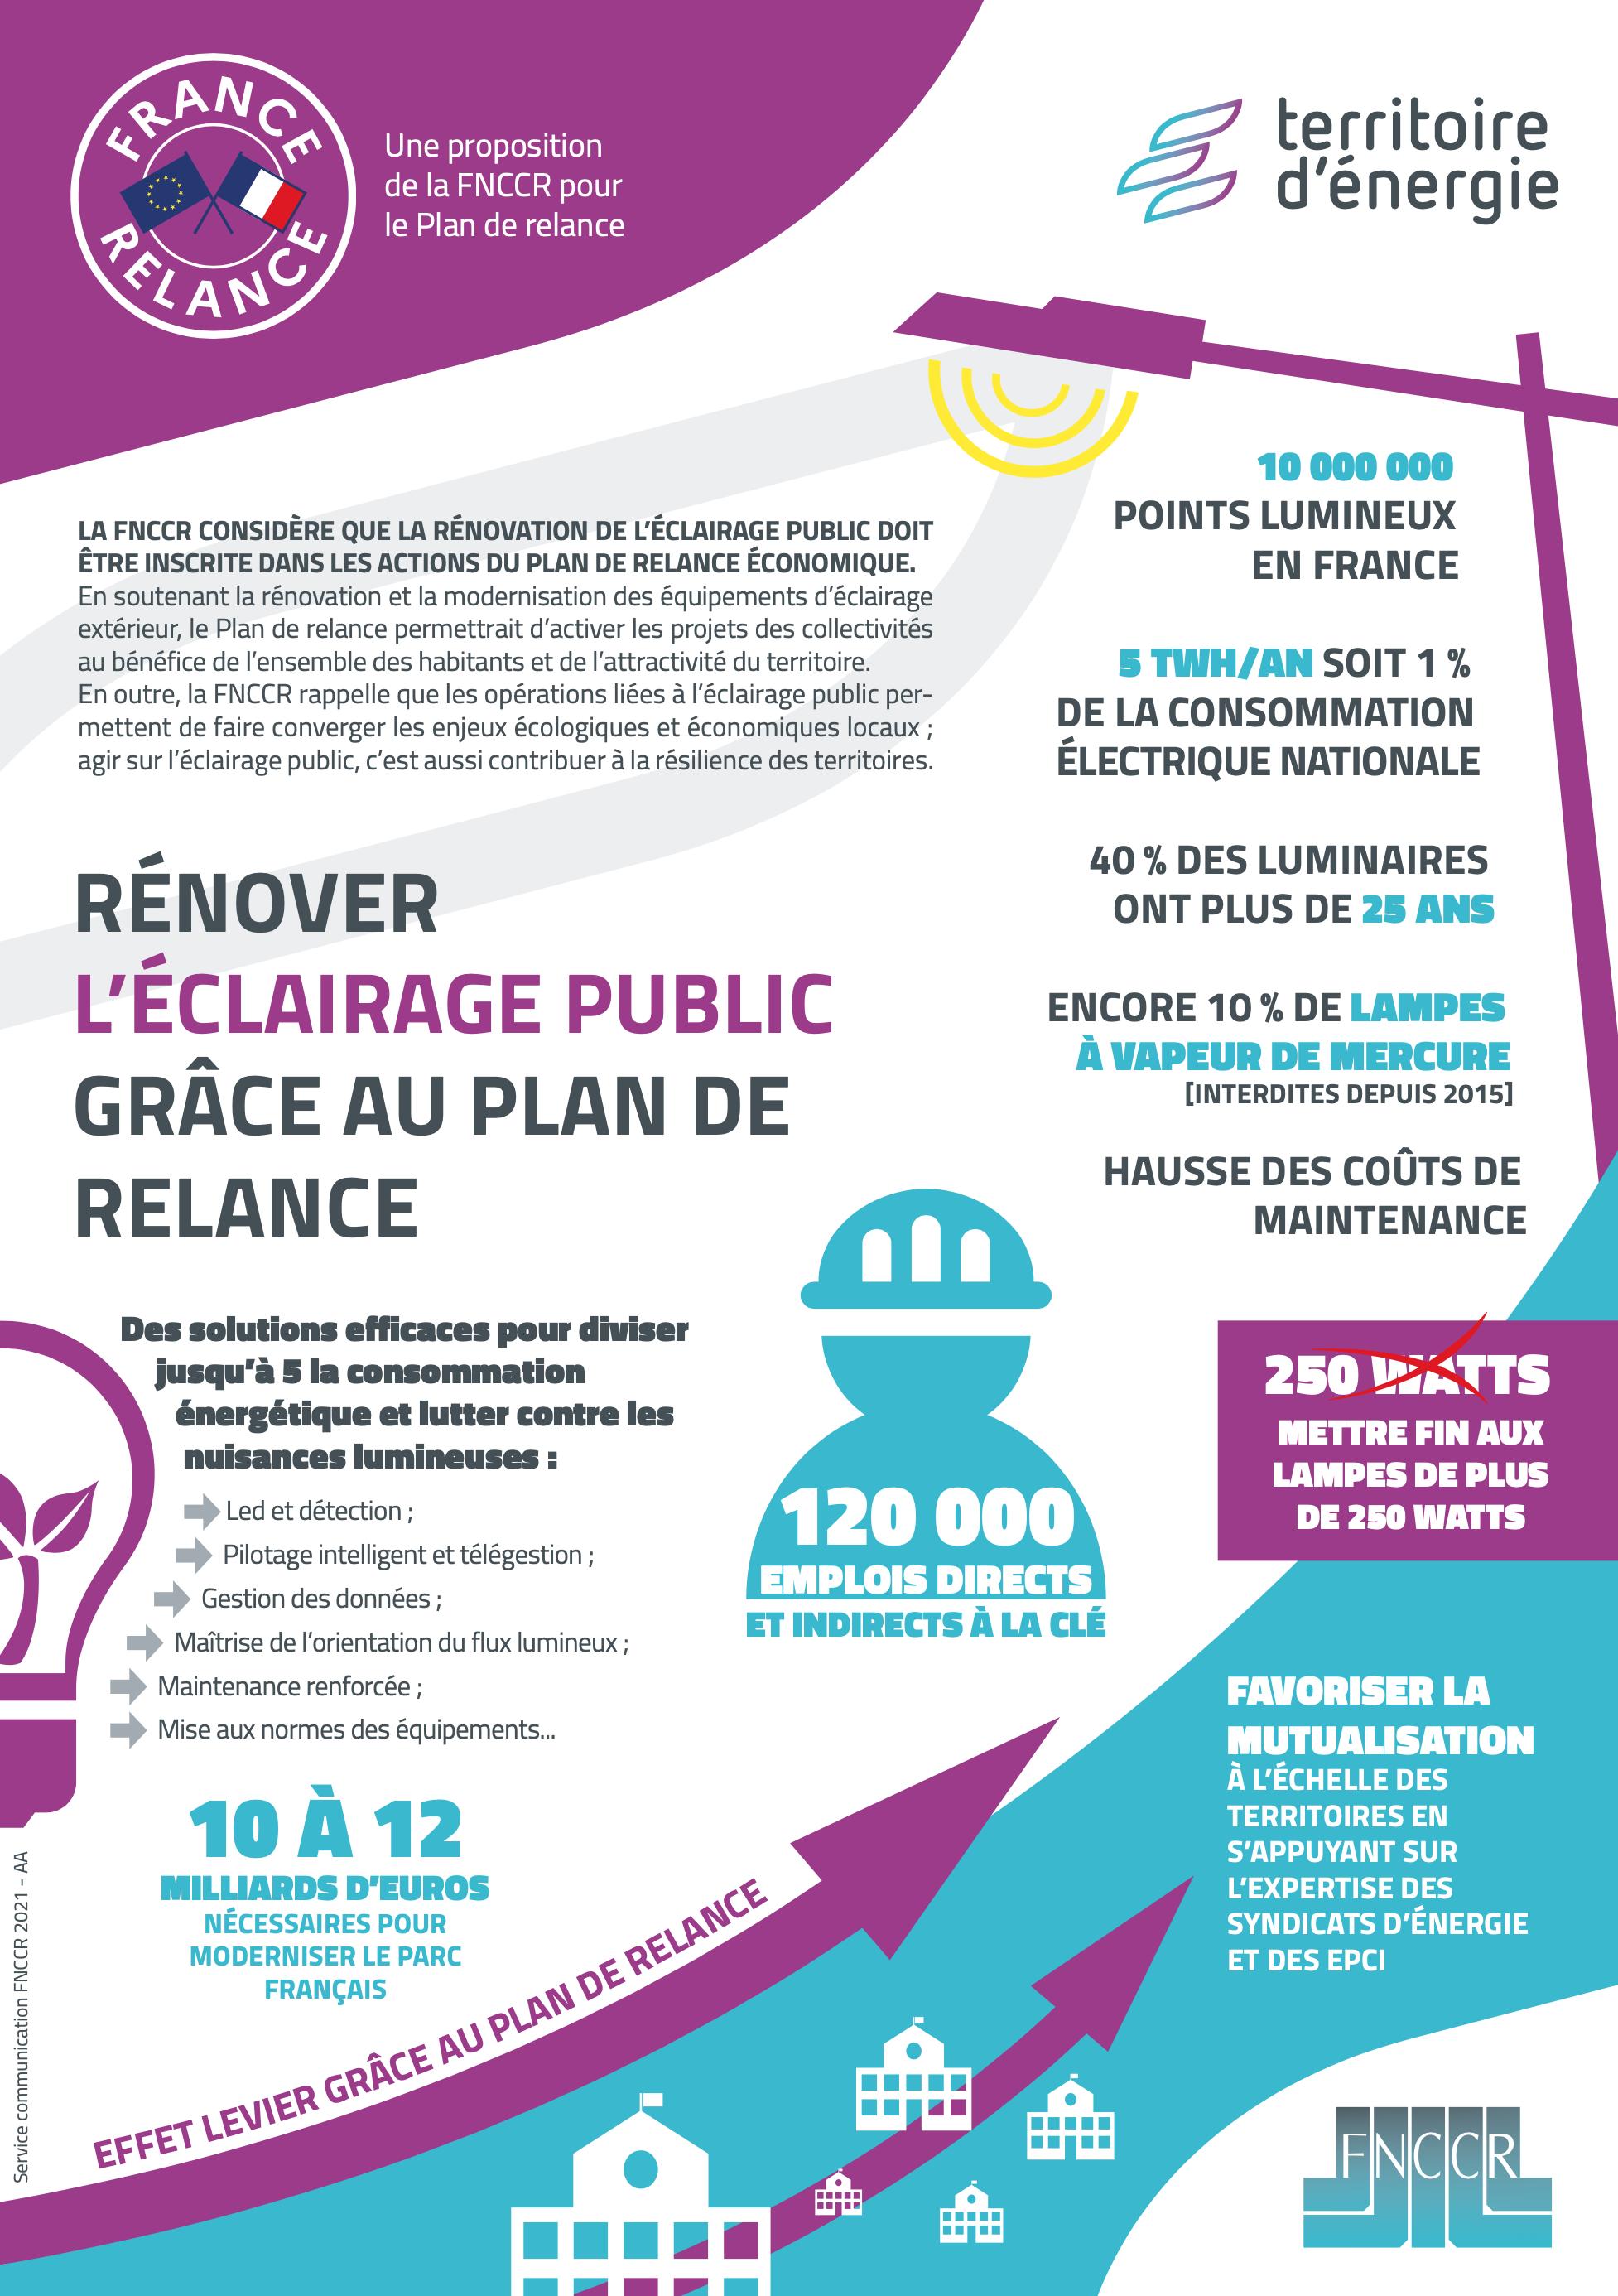 Aperçu du communiqué de presse de la FNCCR du 26 avril 2021 pour un plan de relance en éclairage public